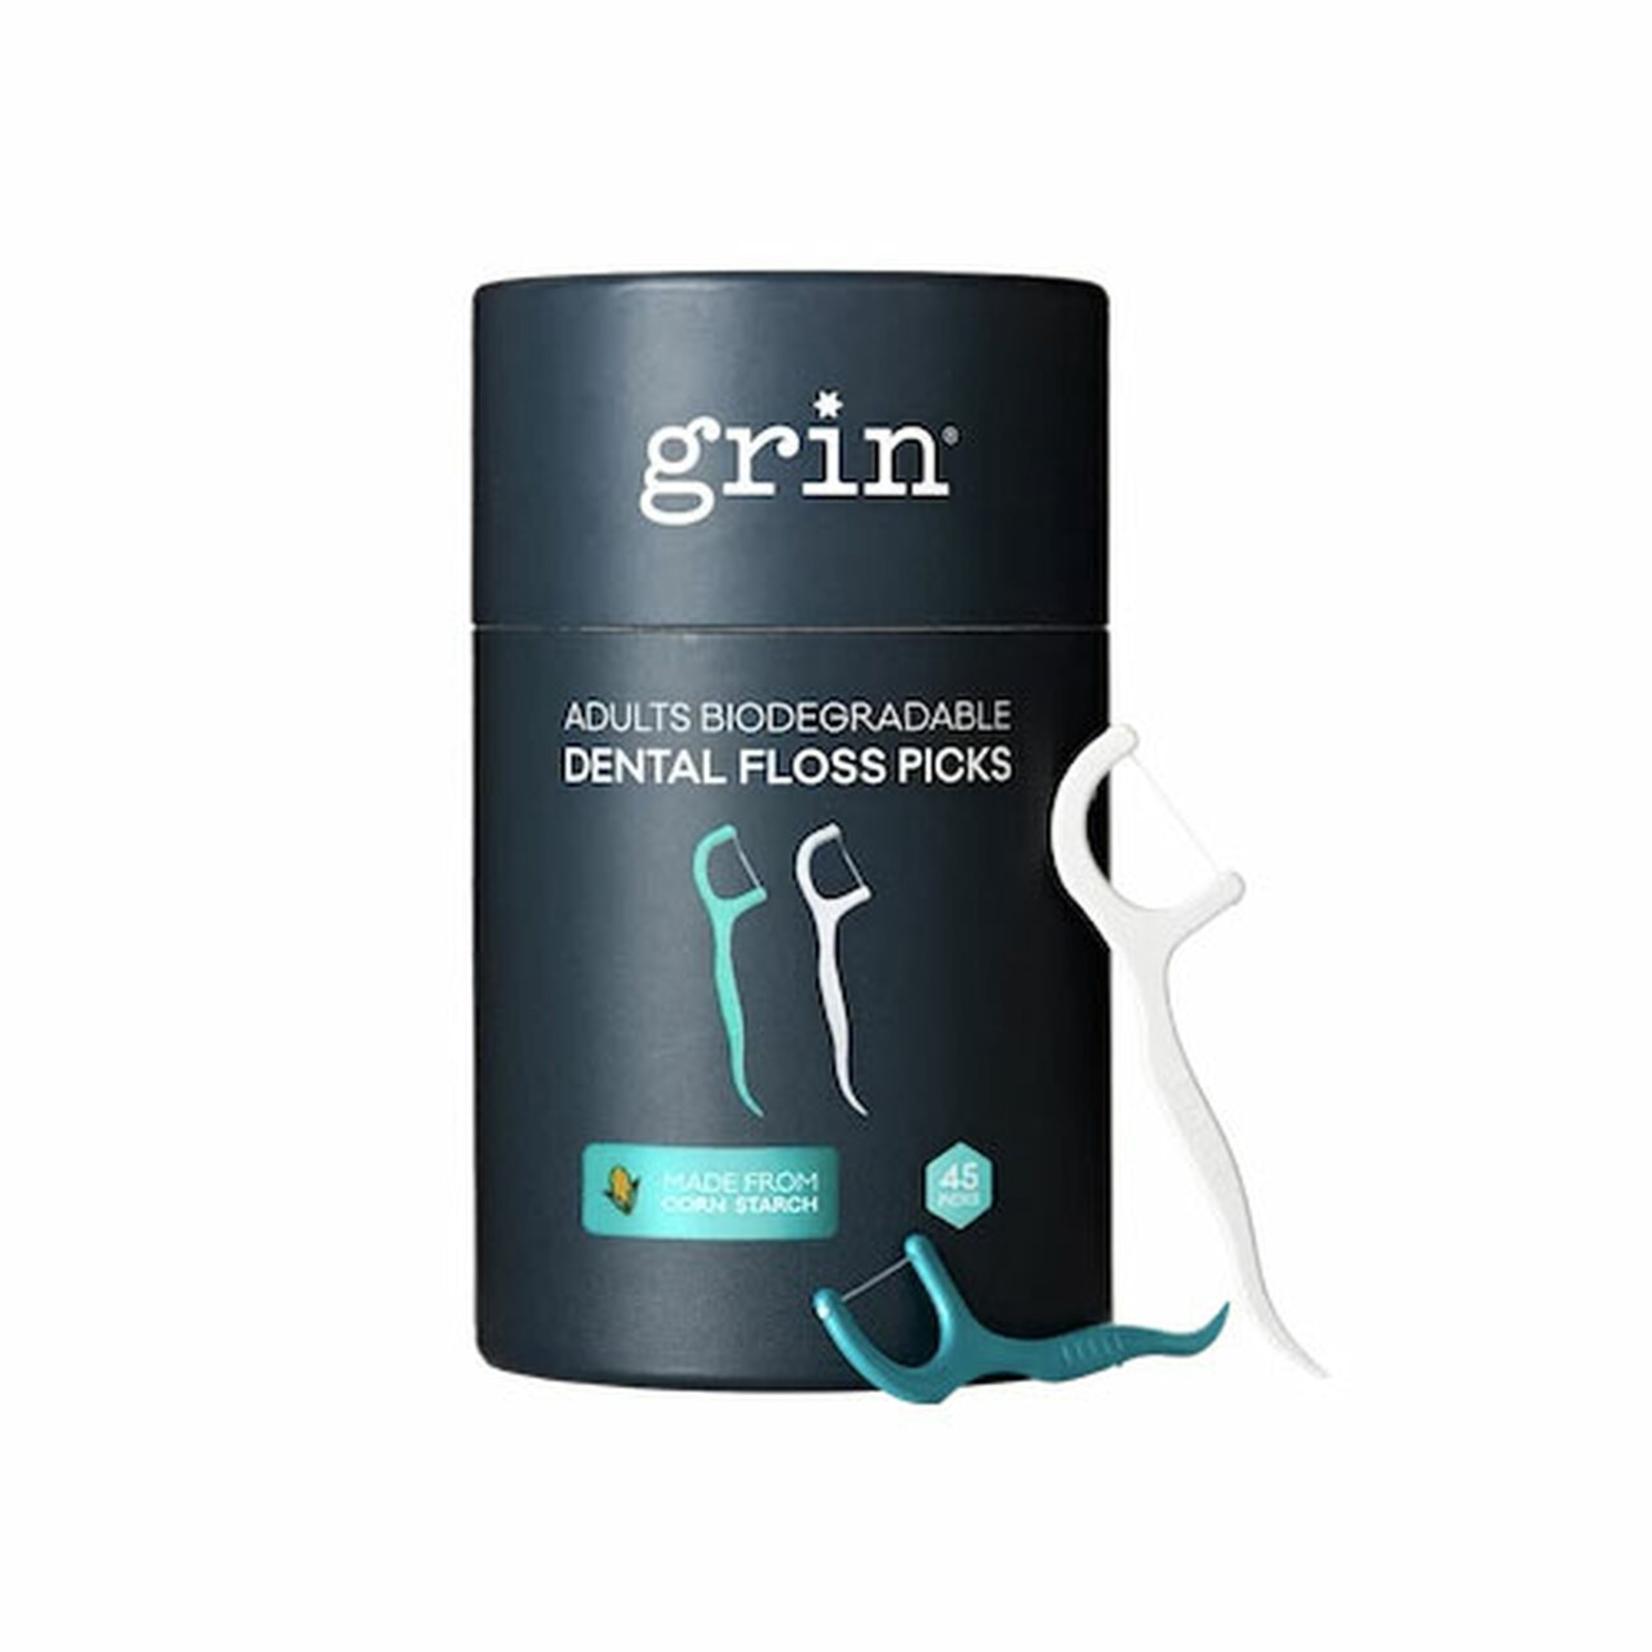 Grin GRIN Biodegradable Dental Floss Adults